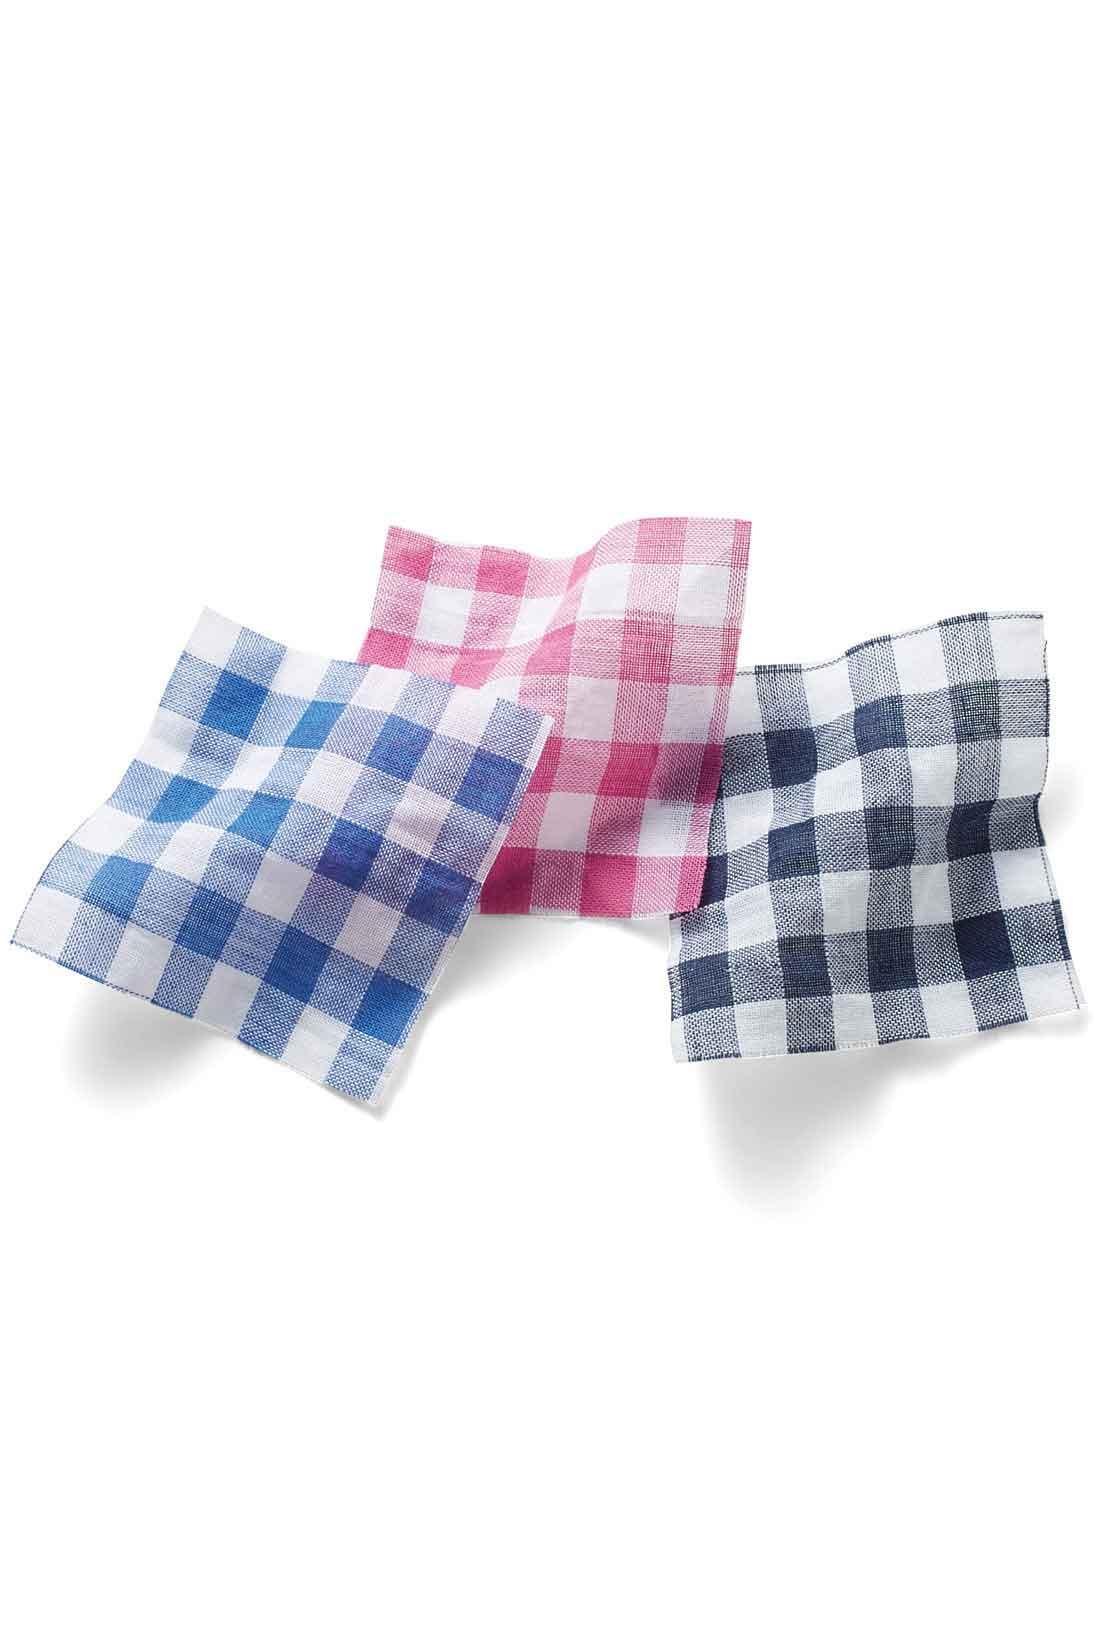 「肌に張り付かず風をはらむ軽やかさ」 綿98%・ポリウレタン2%で仕上げた凹凸のある素材感は、肌に張り付かず、さらっと涼しい着心地。おうちでの洗濯後も、ノーアイロンでラフな感じに着られるのが便利です。大人の女性が着やすいネイビーです。